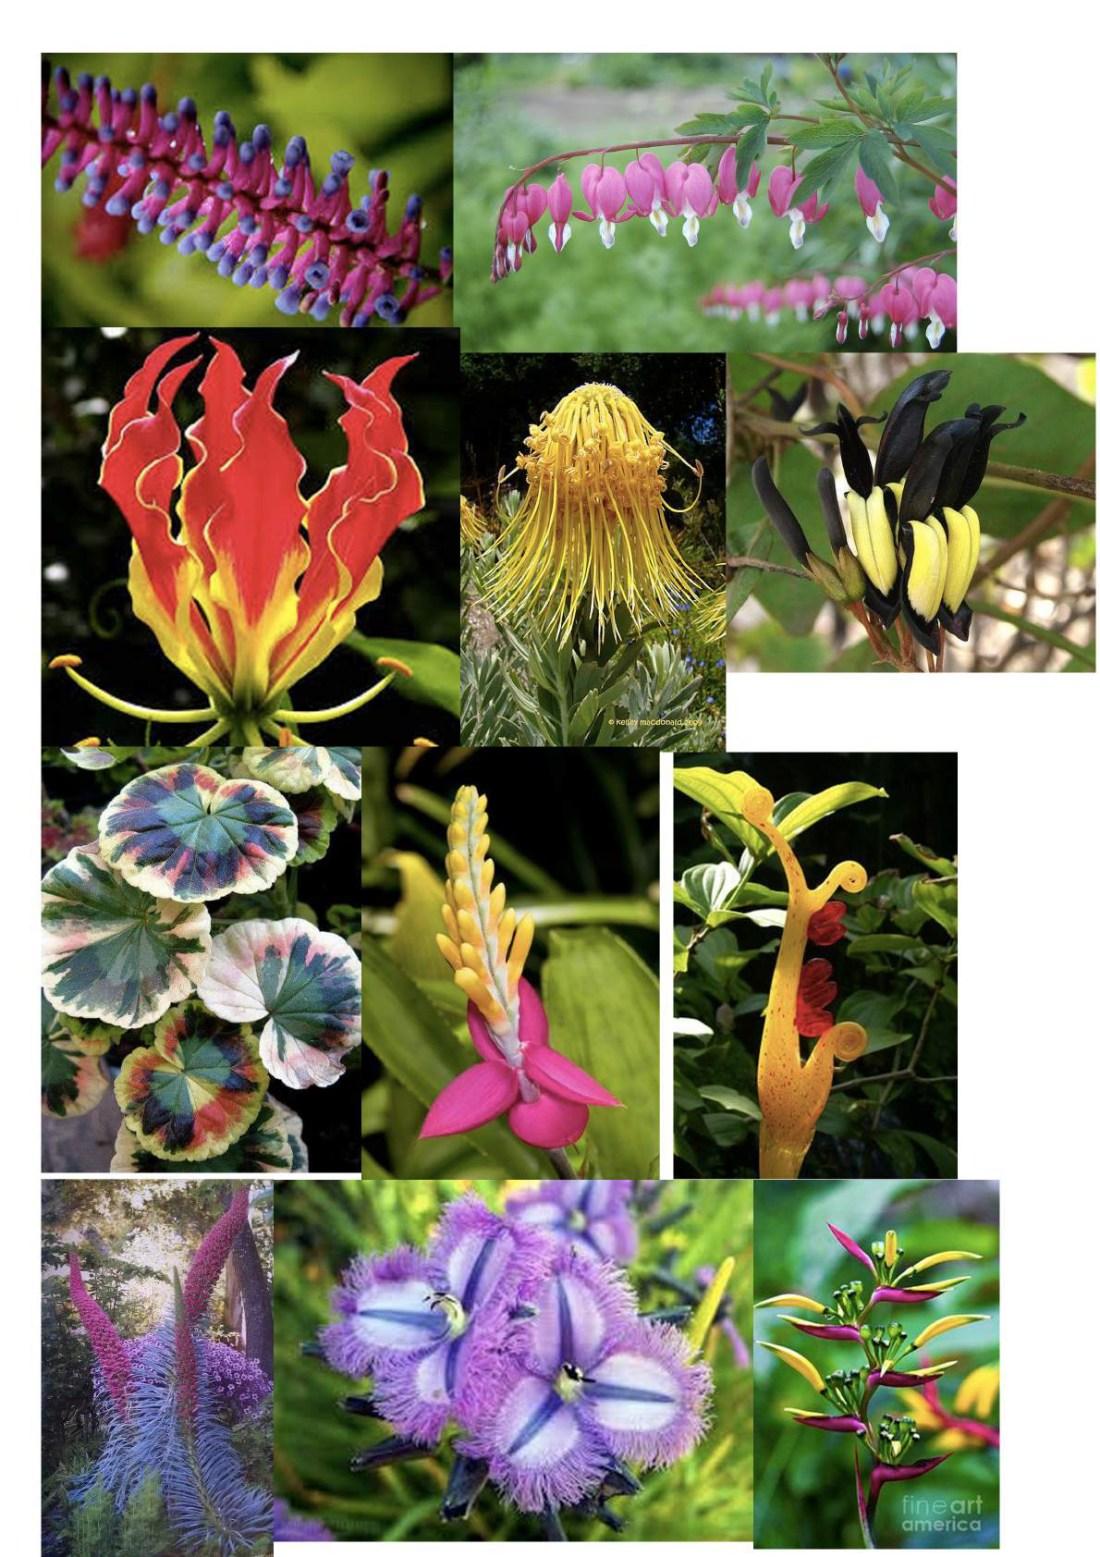 Flower inspiration images